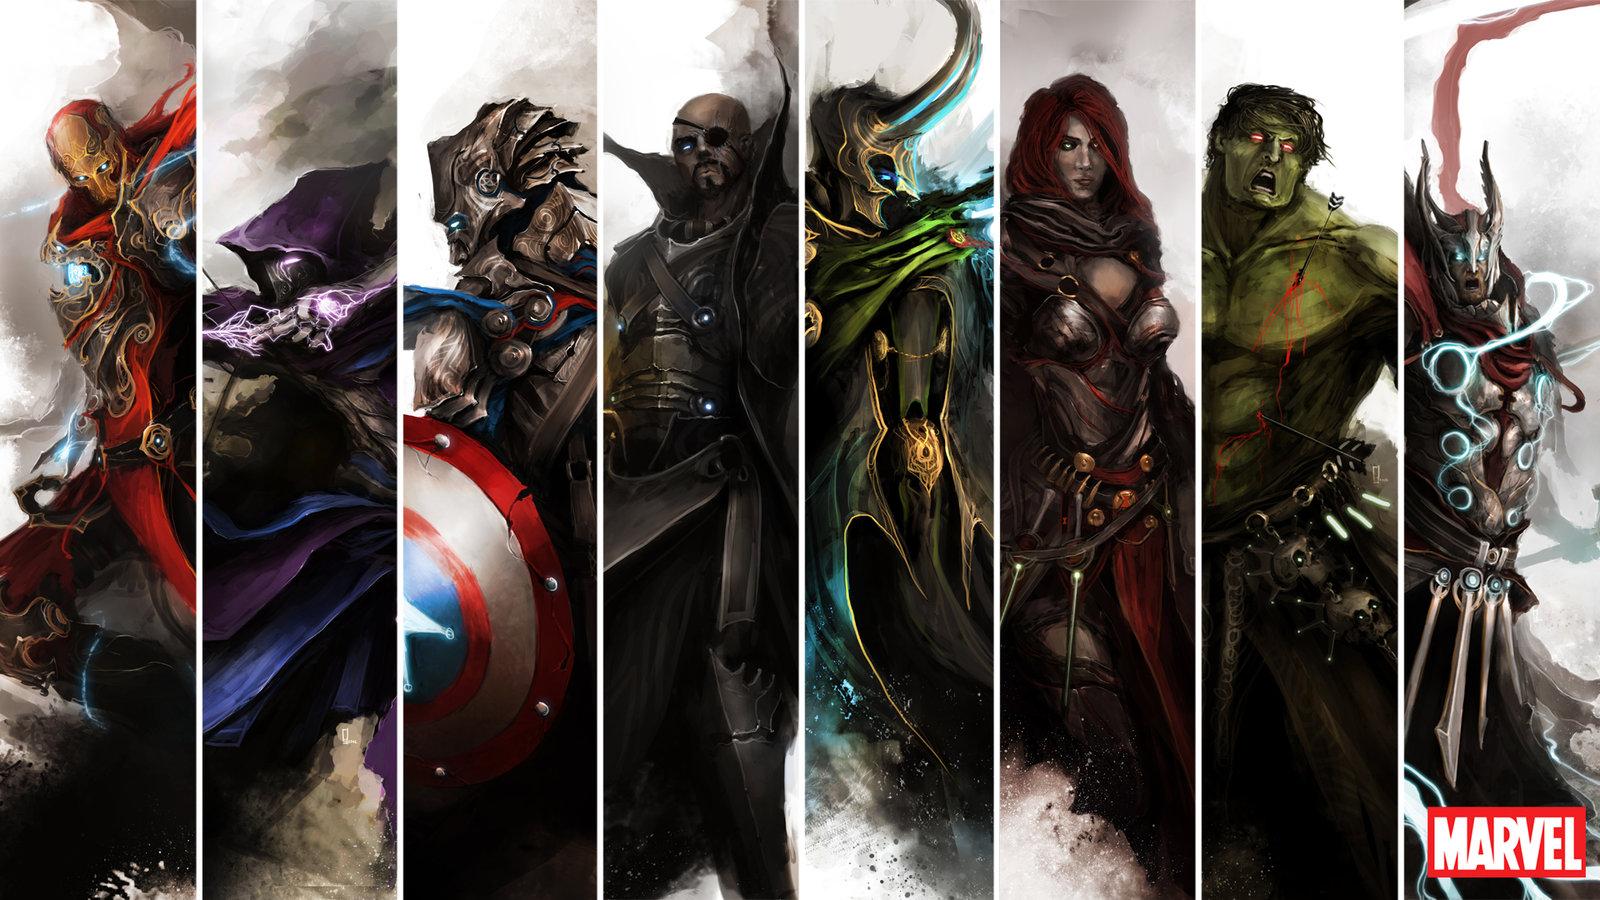 Medieval avengers